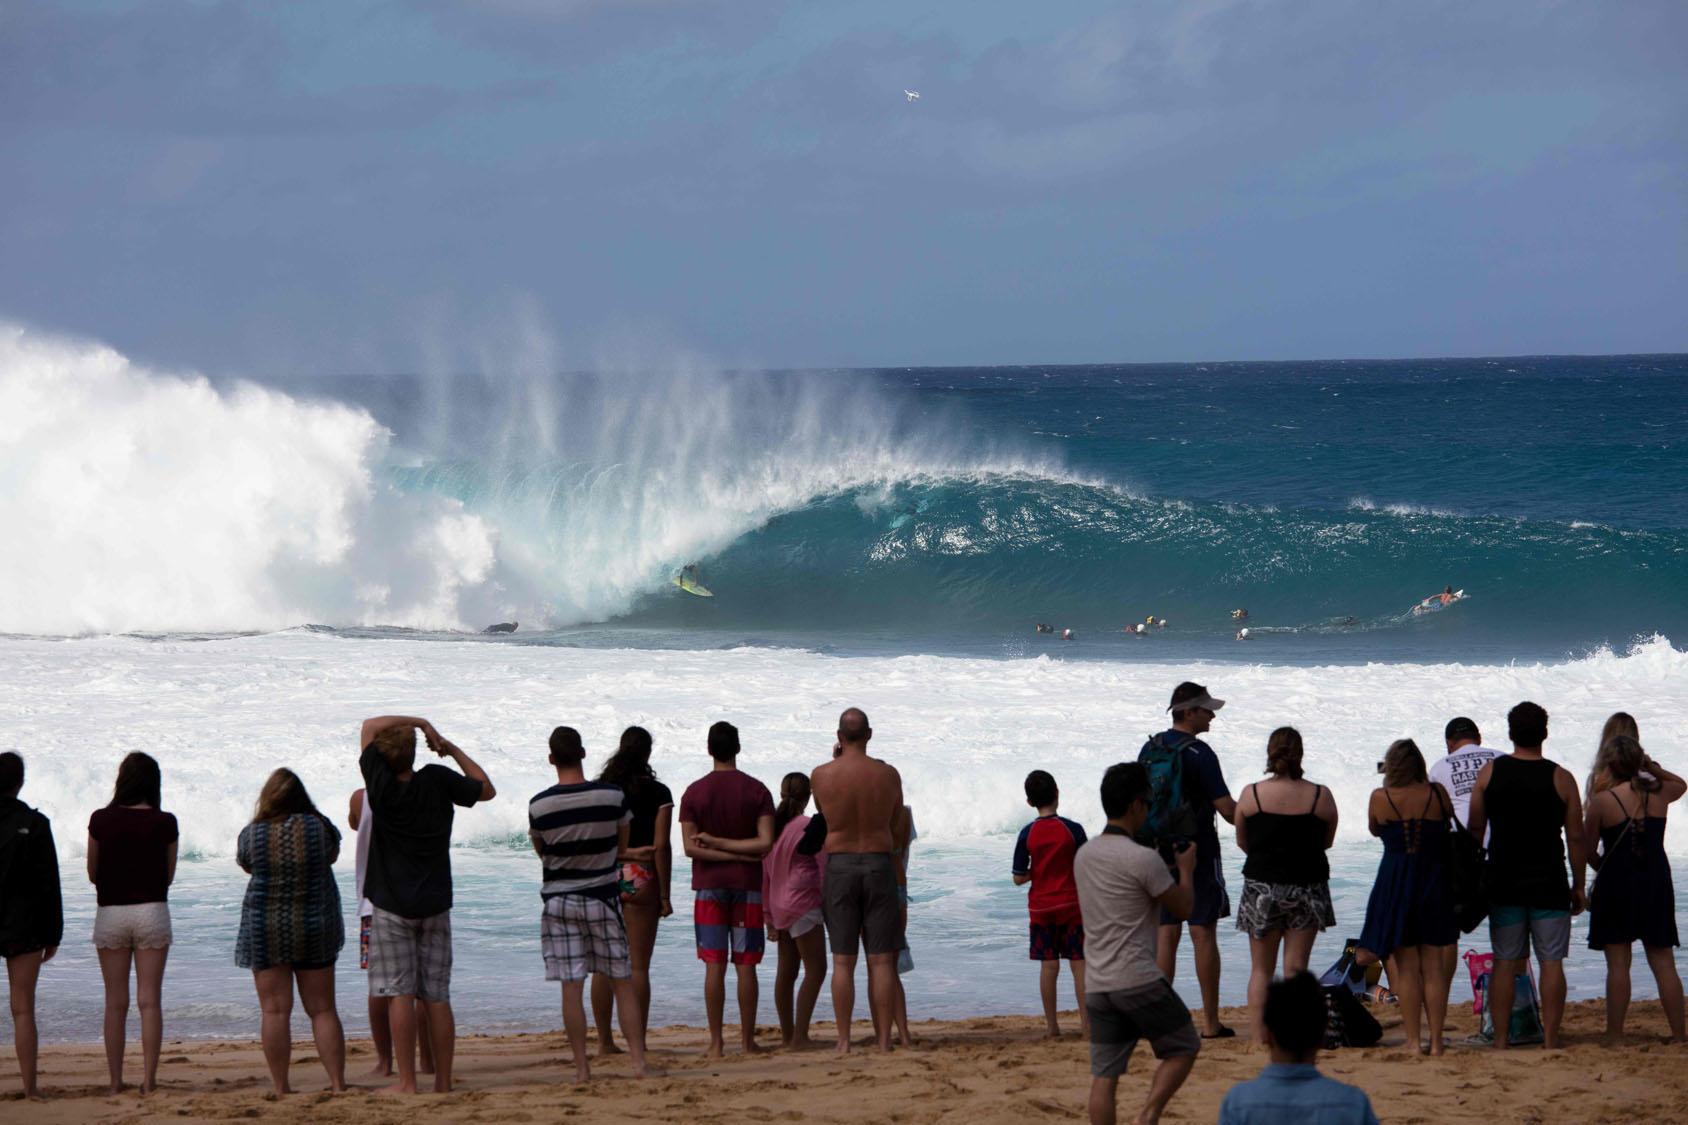 bbff9a3dc3 Spectators watch as Gavin Beschen of Hawaii surfs on December 25